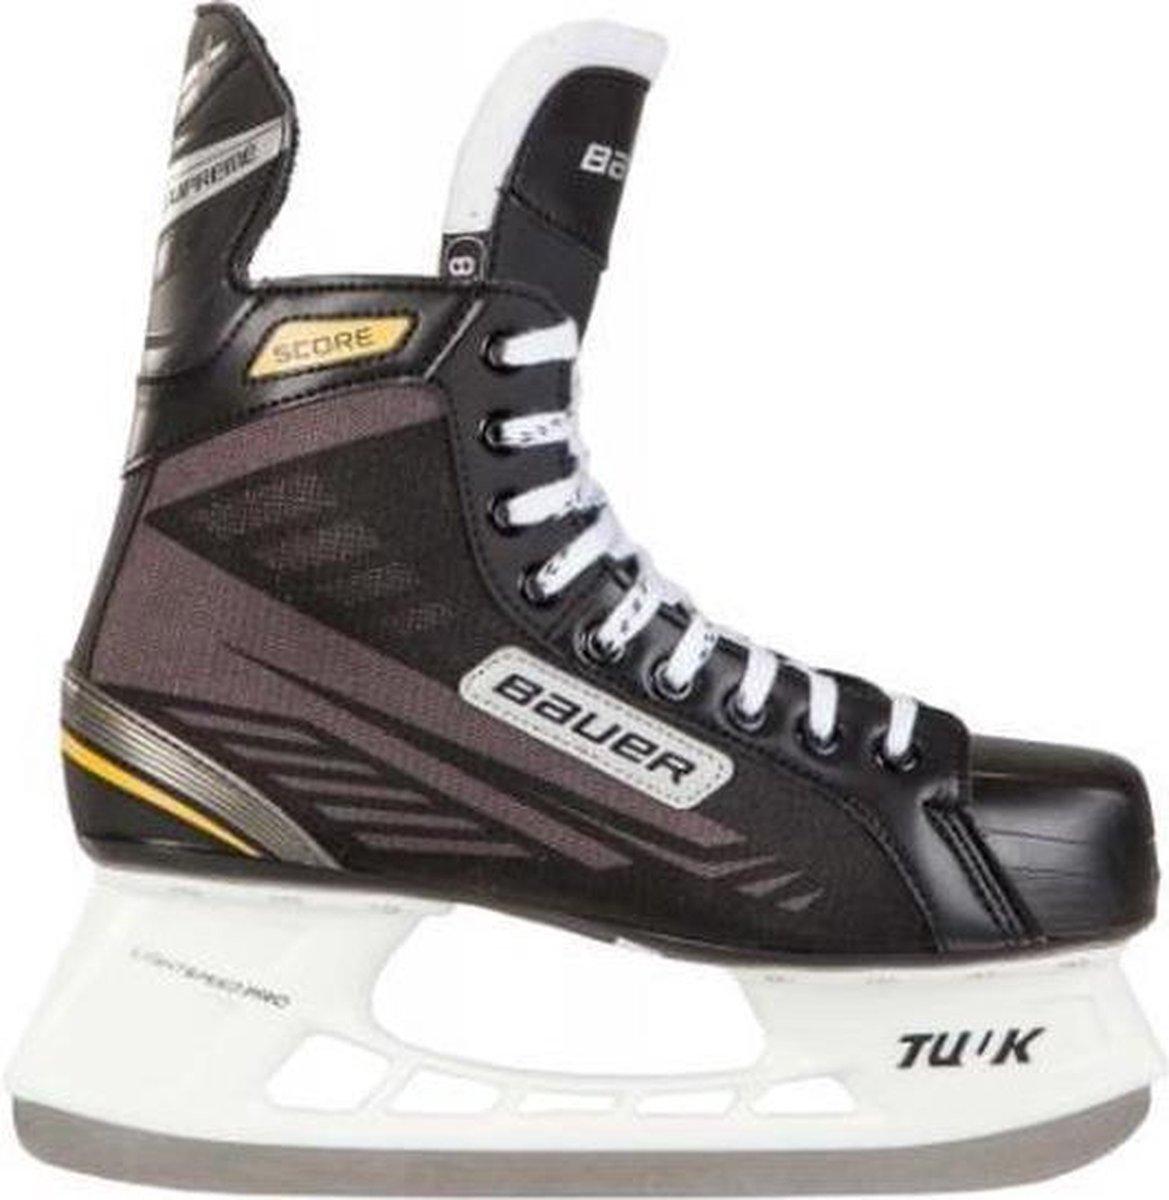 Bauer IJshockeyschaats Supreme SCORE | Maat 40.5